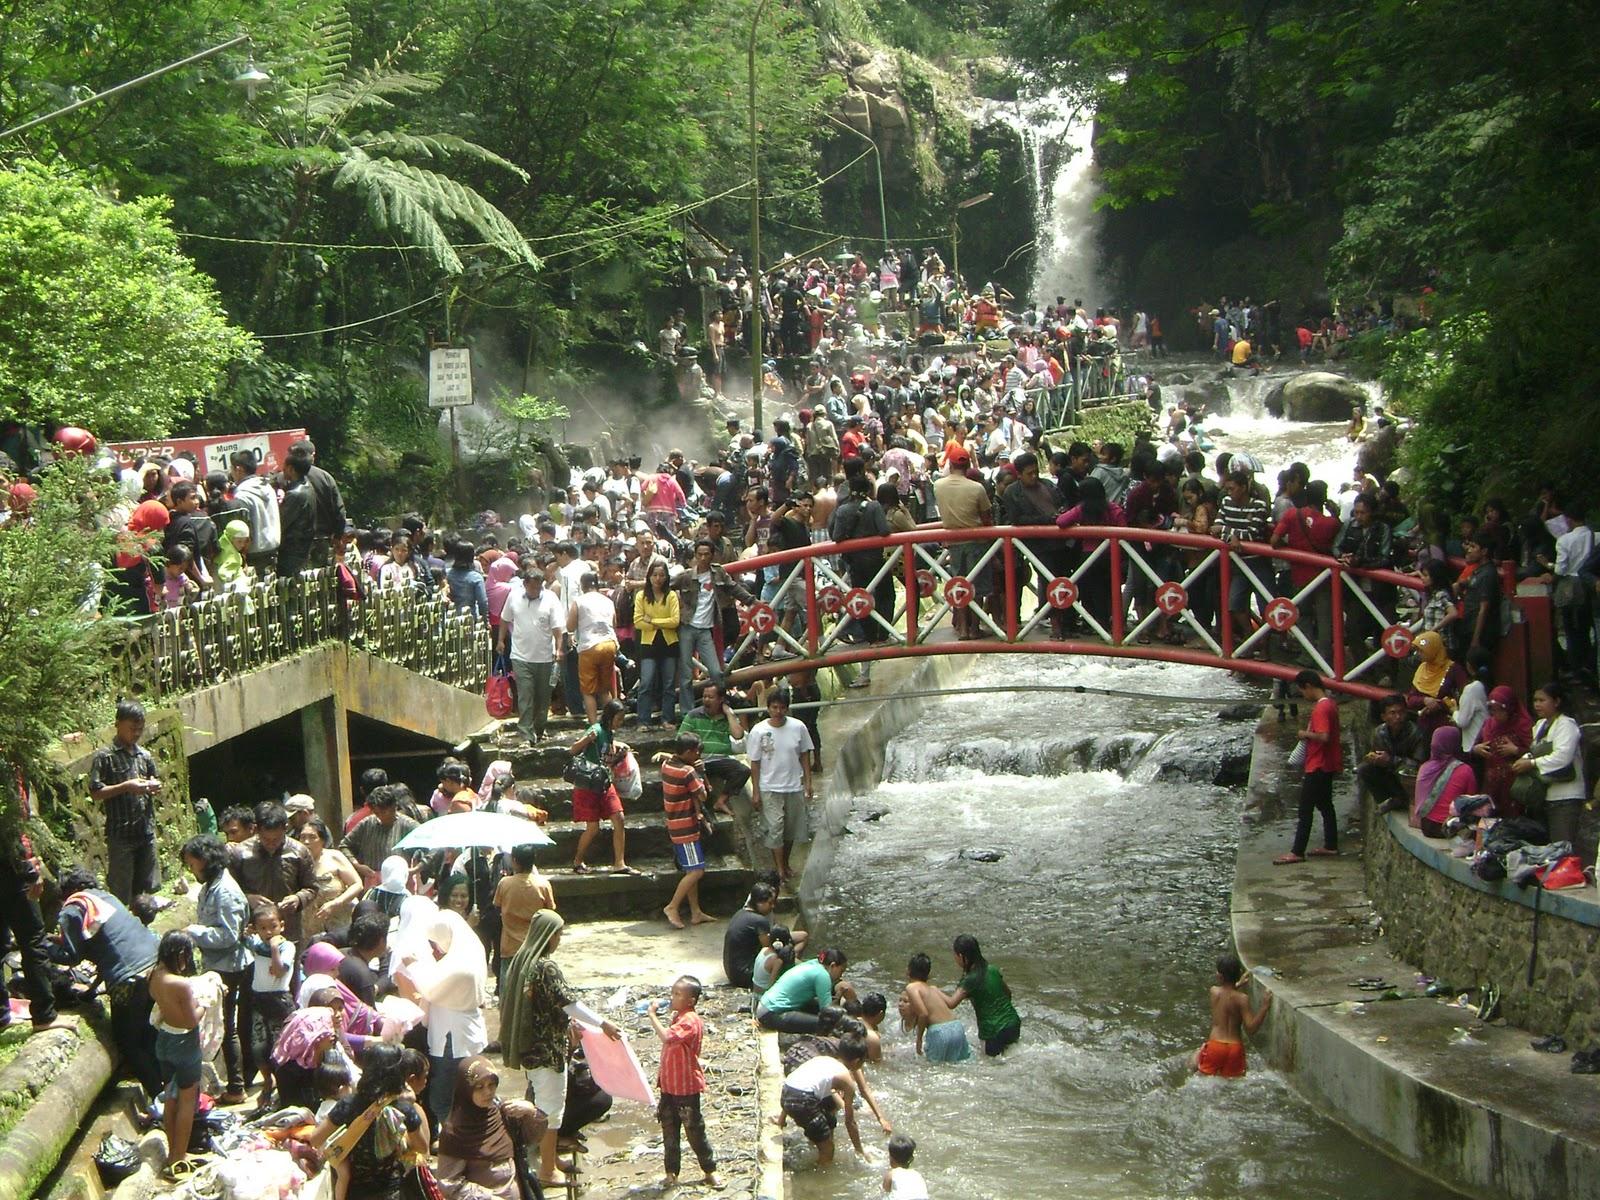 Taman Wisata Air Panas Guci Cakrawala International Tour And